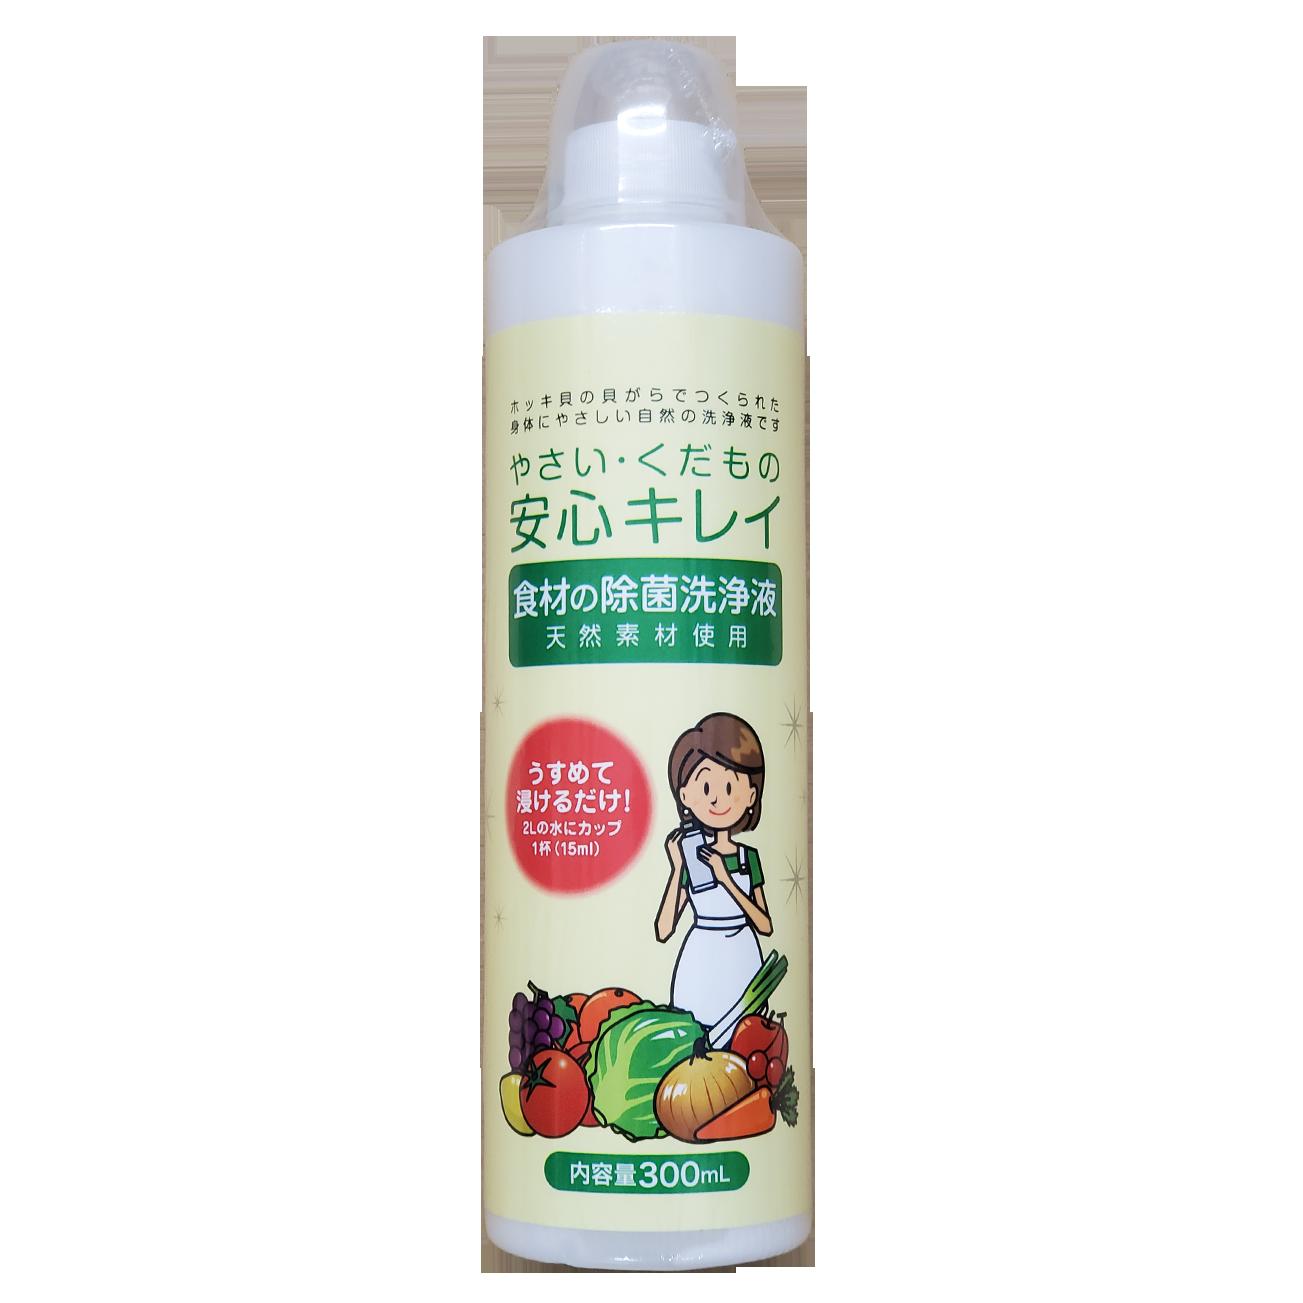 やさい・くだもの安心キレイ 食材の除菌・洗浄用(食品衛生)